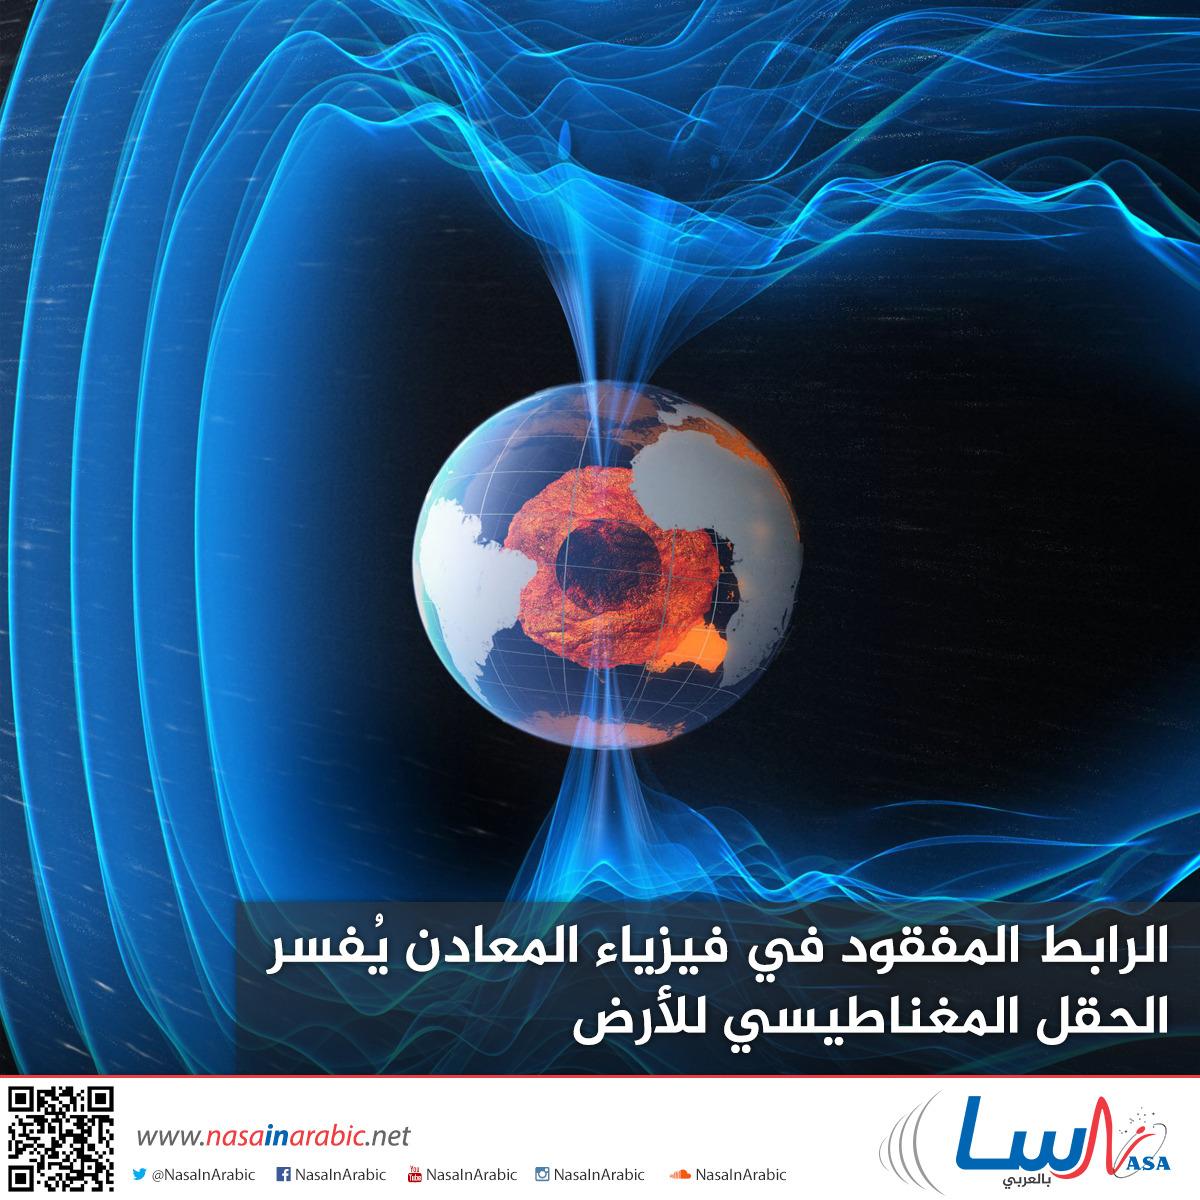 الرابط المفقود في فيزياء المعادن يُفسر الحقل المغناطيسي للأرض